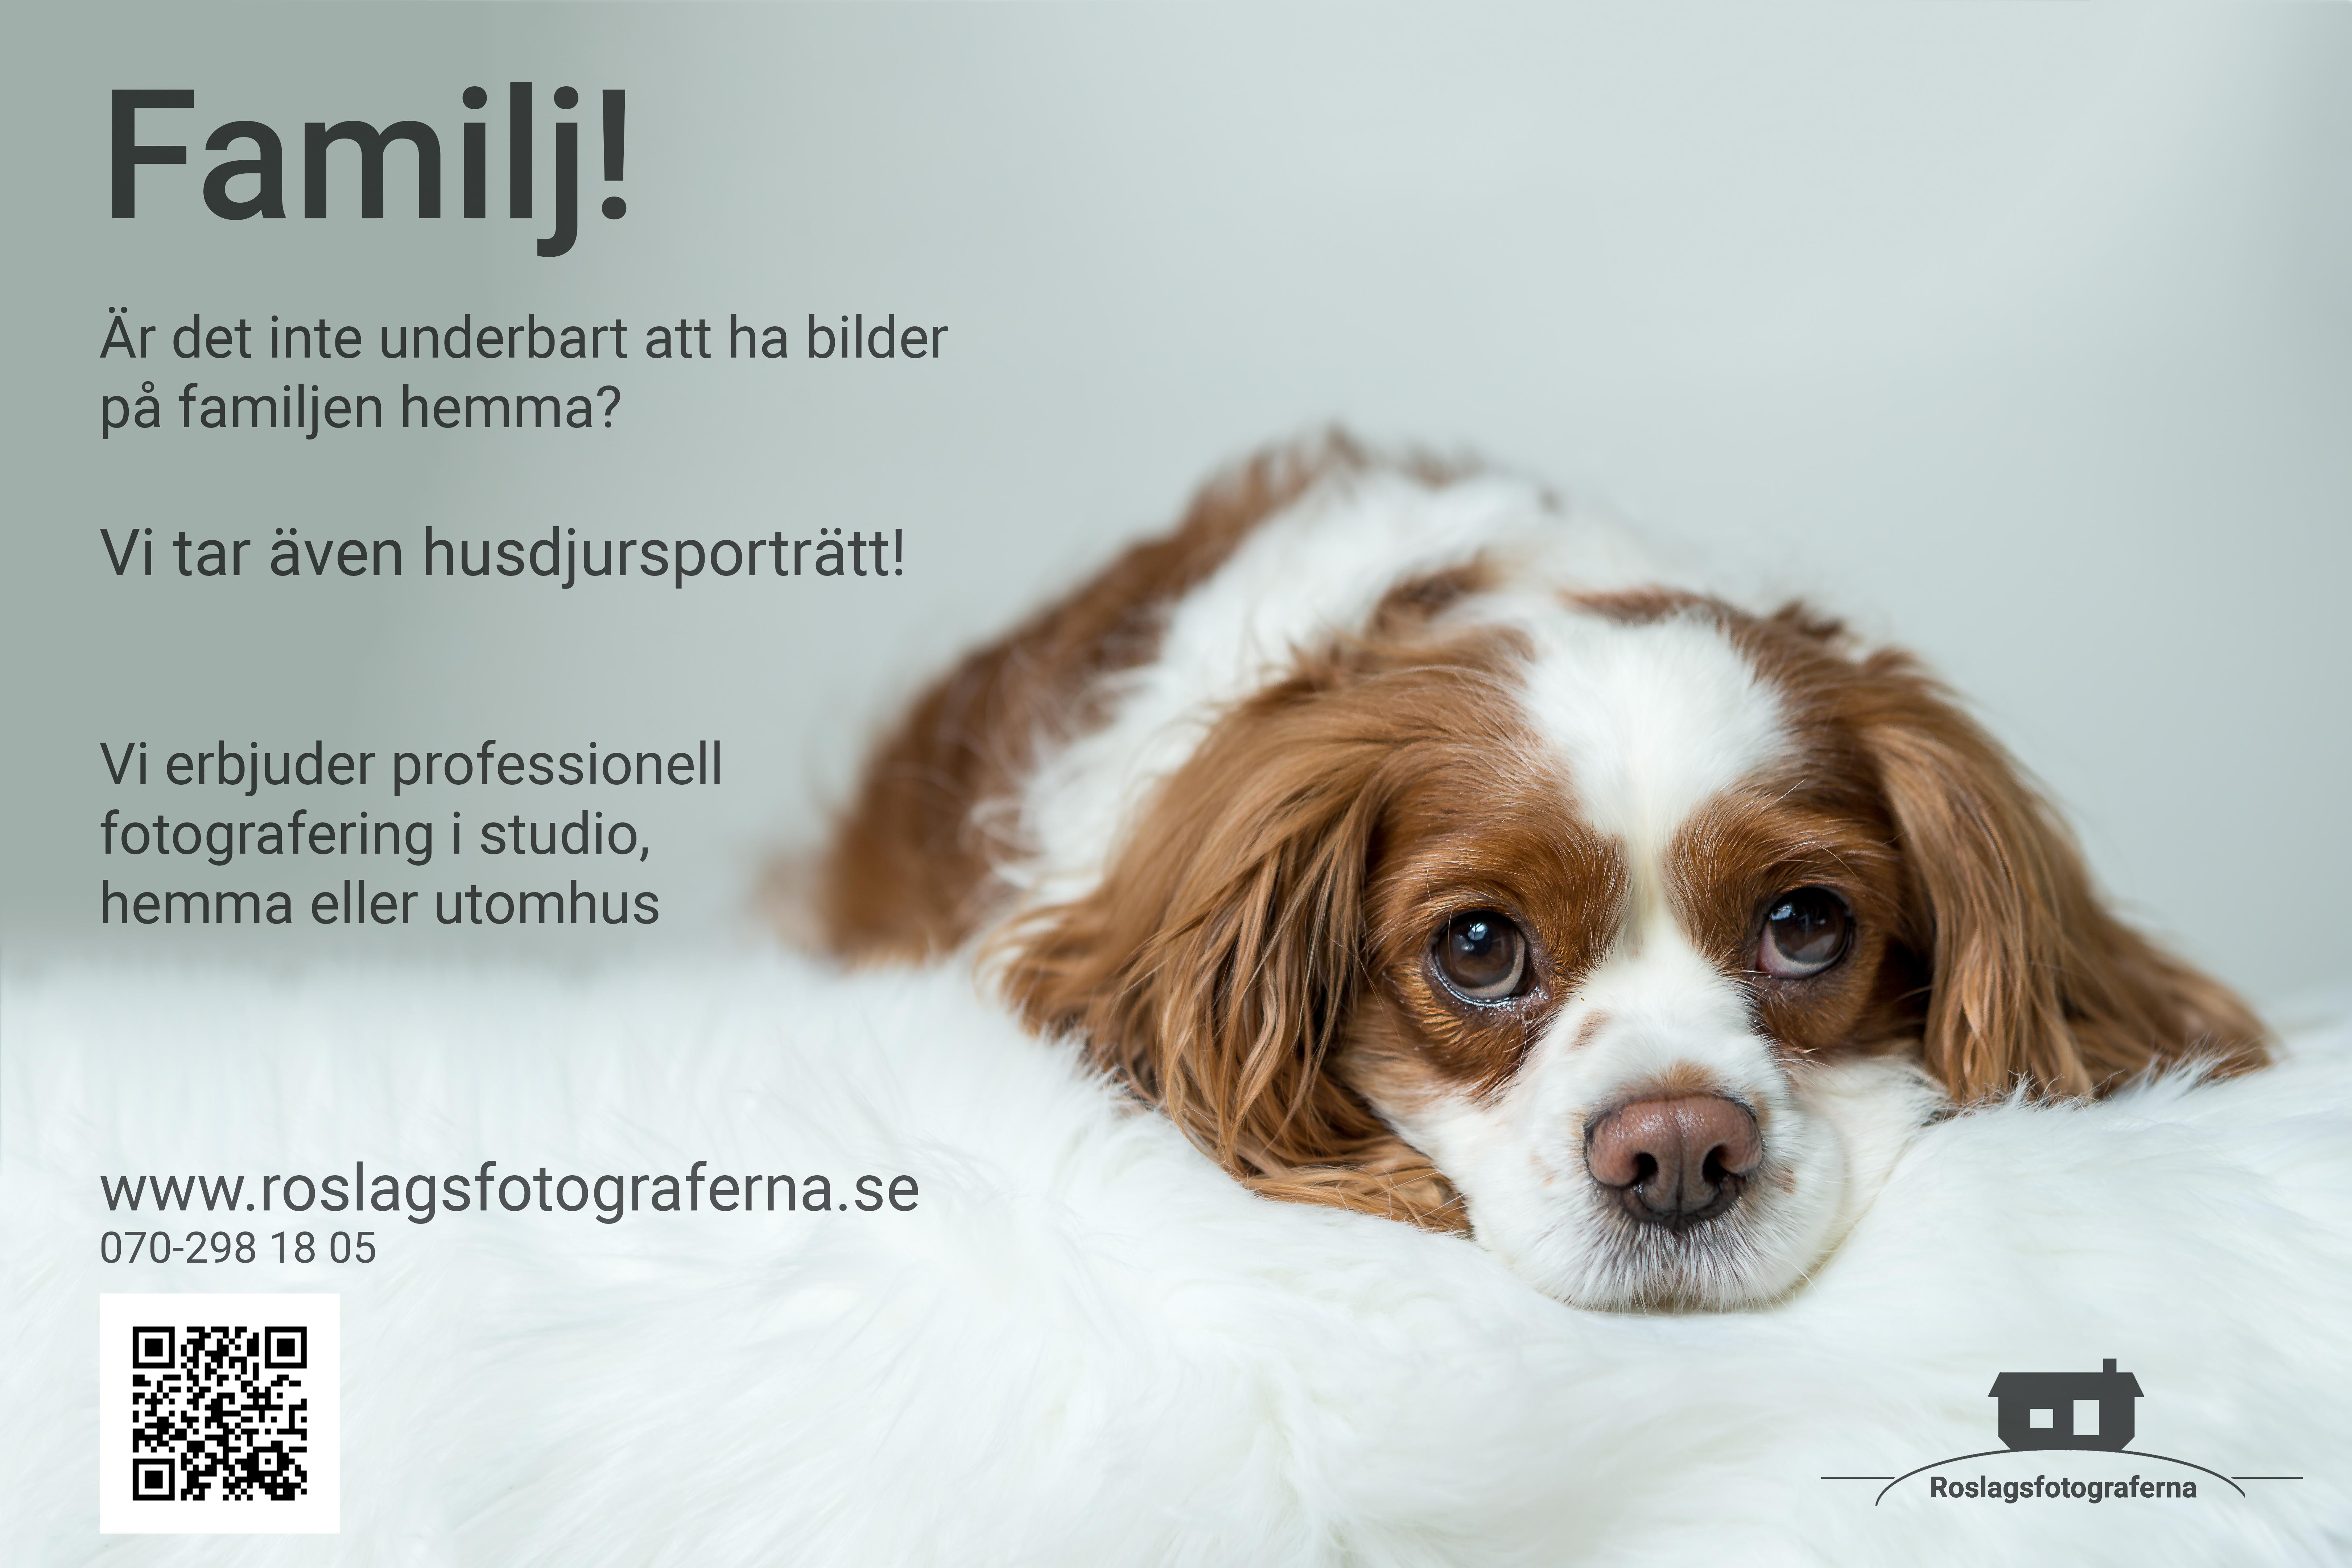 Familjebild - Husdjursporträtt